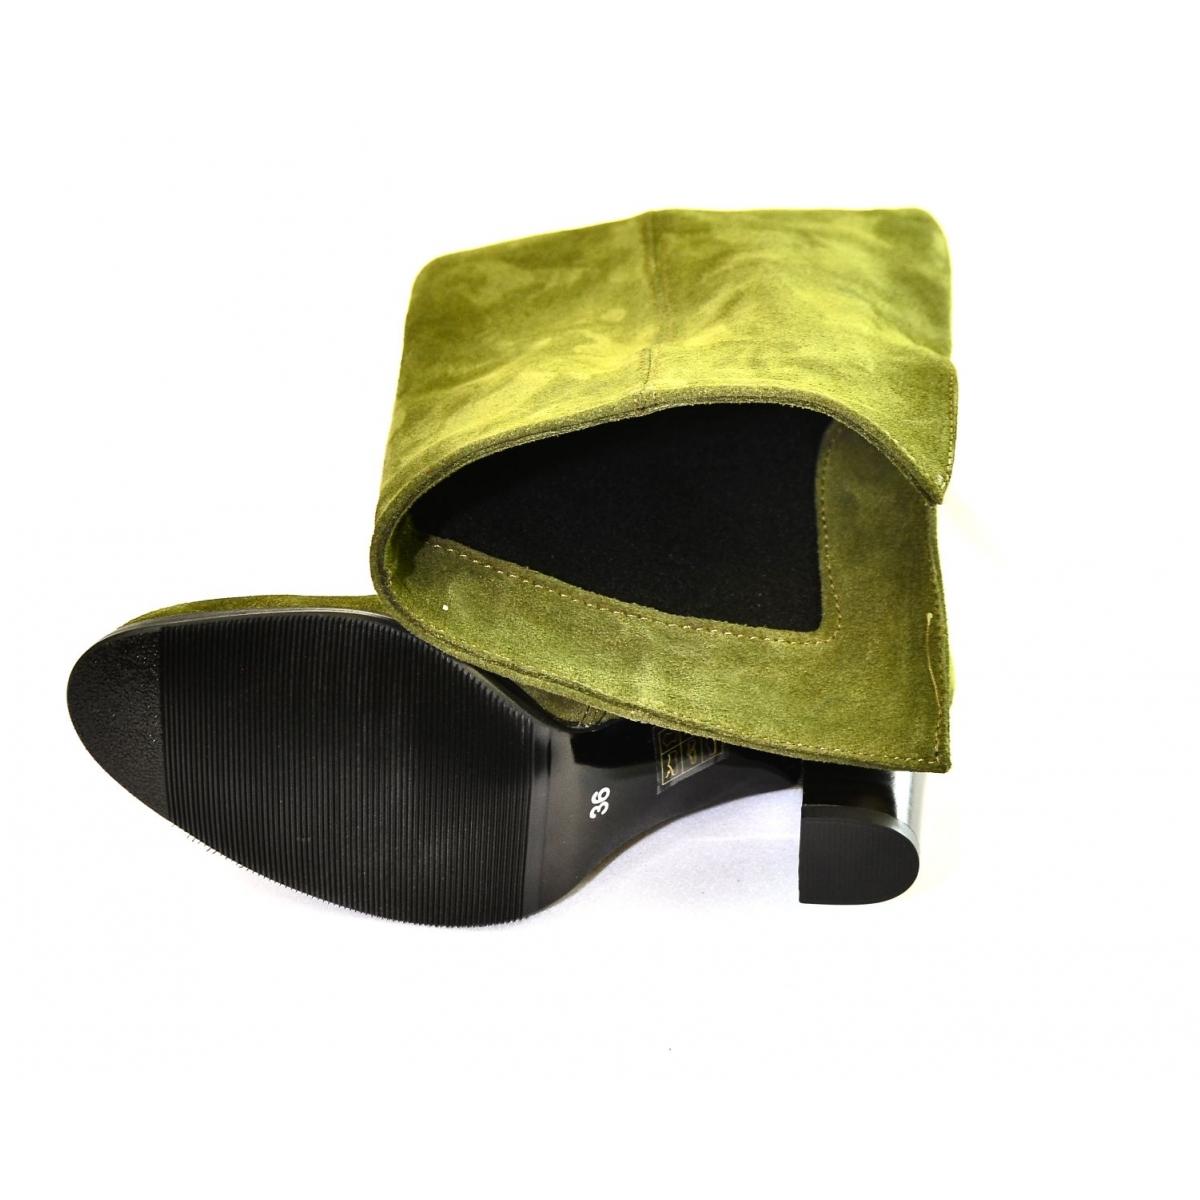 ddef23f57abb Dámske olivovo-zelené kožené čižmy KYOKO - 6